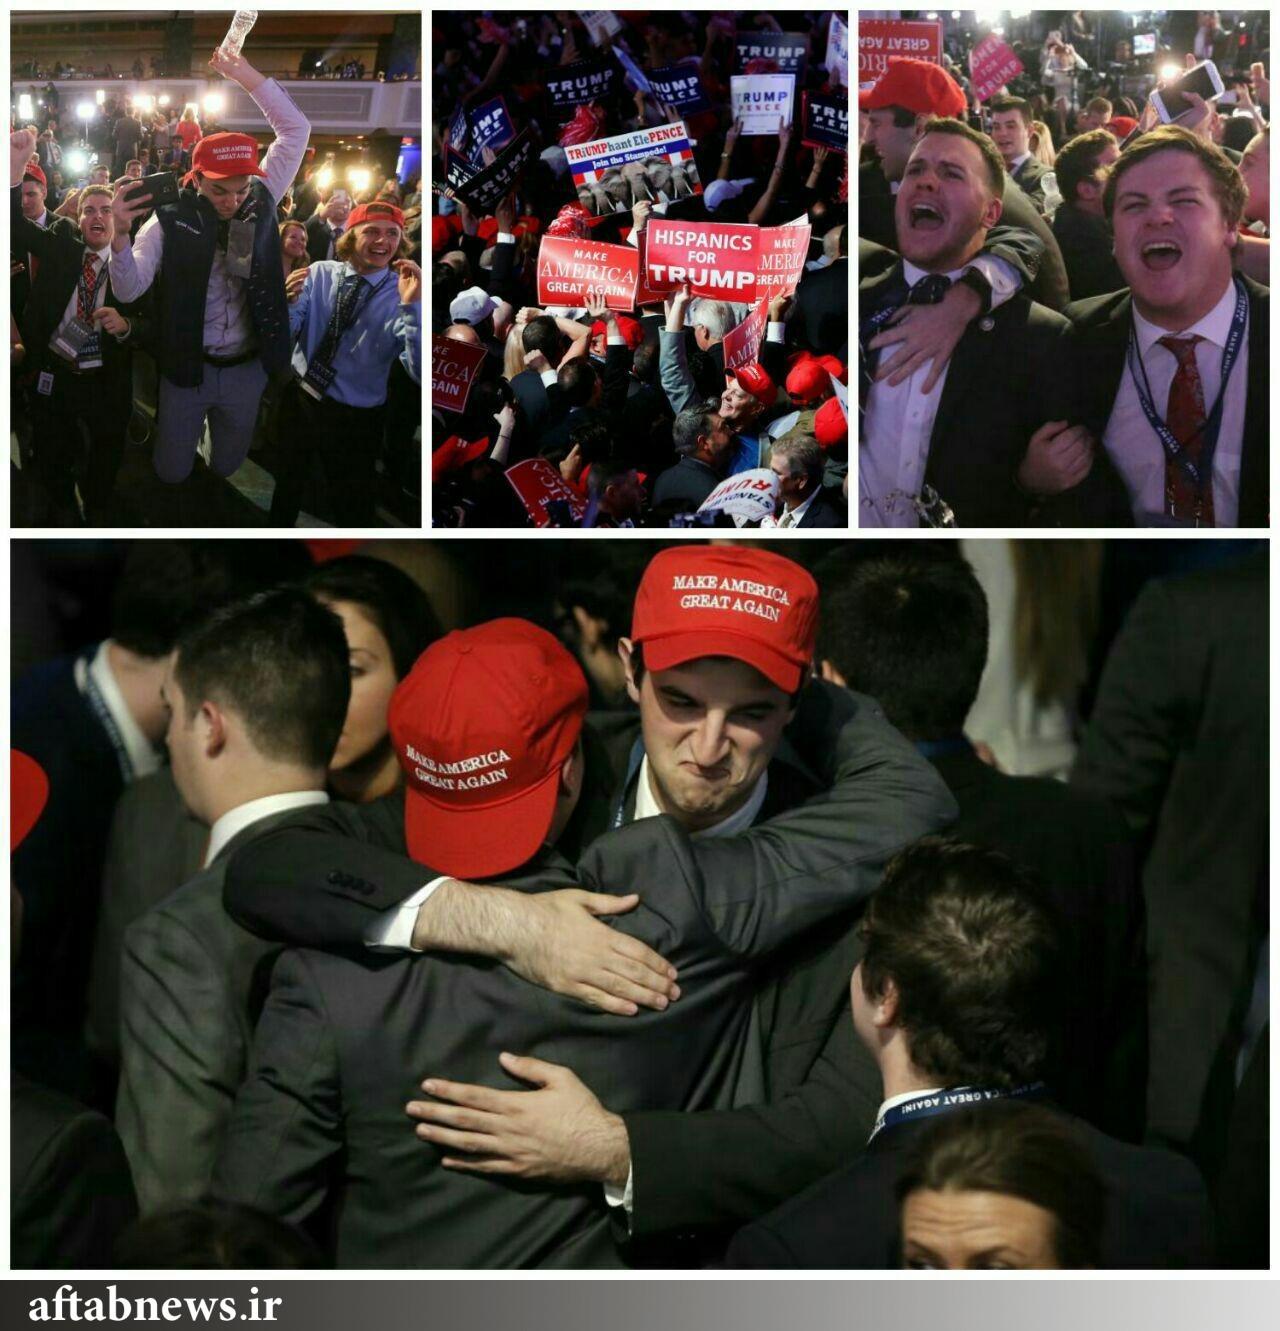 خوشحالی طرفداران ترامپ بعد از پیروزی نامزد محبوب شان + تصاویر